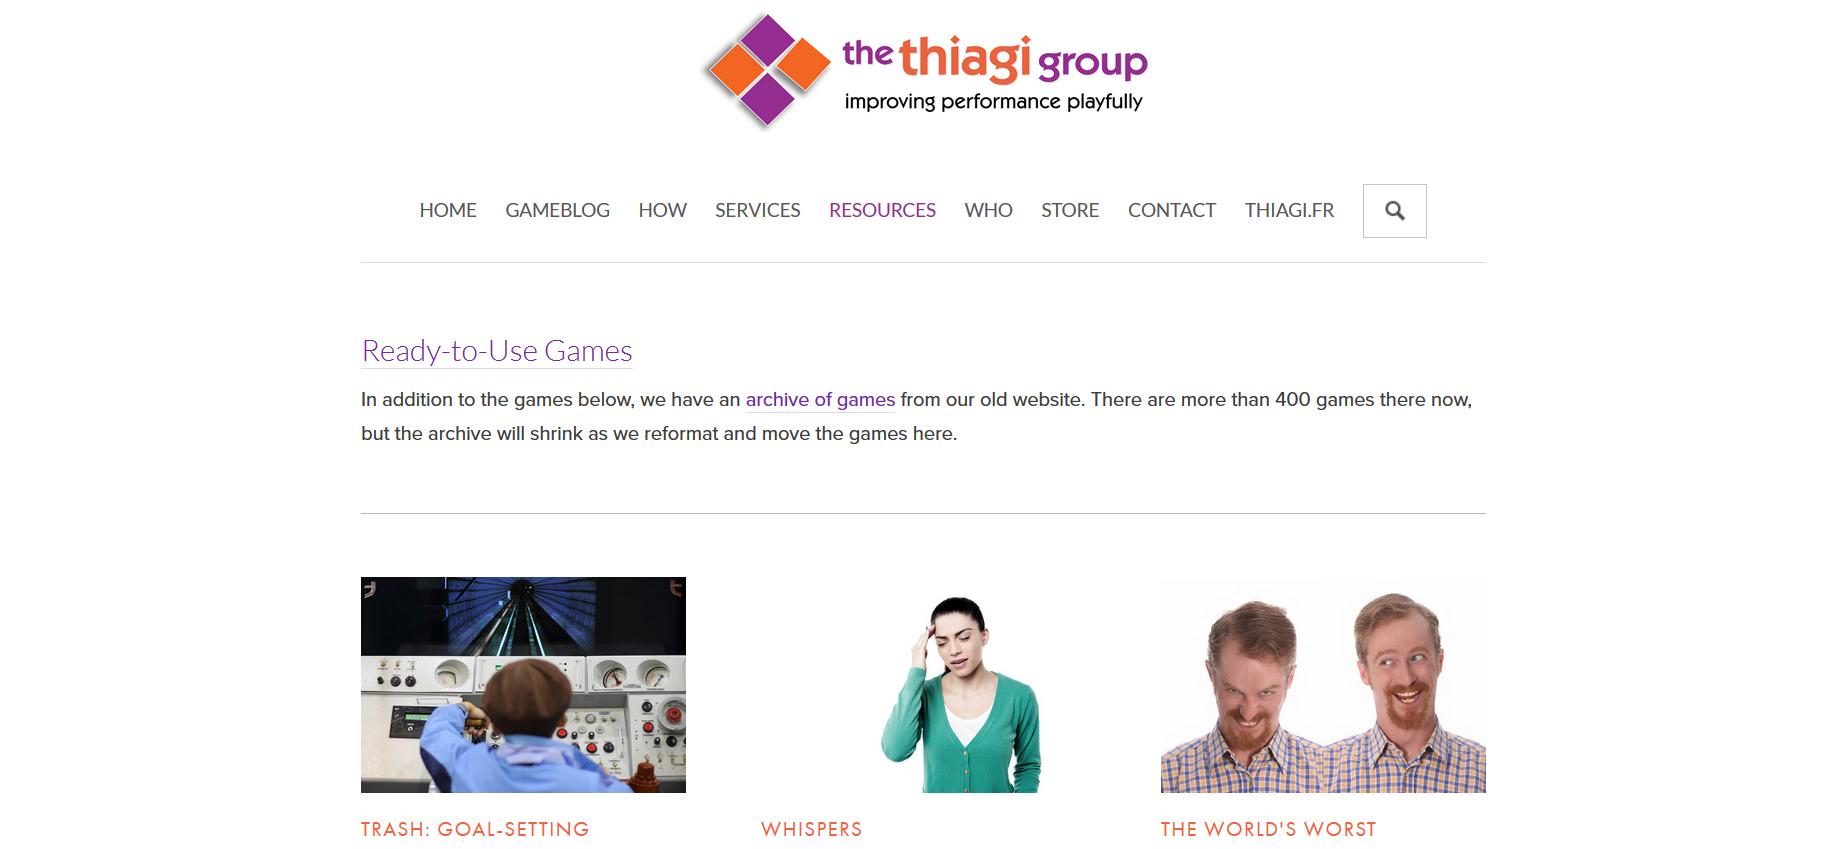 thiagi's website